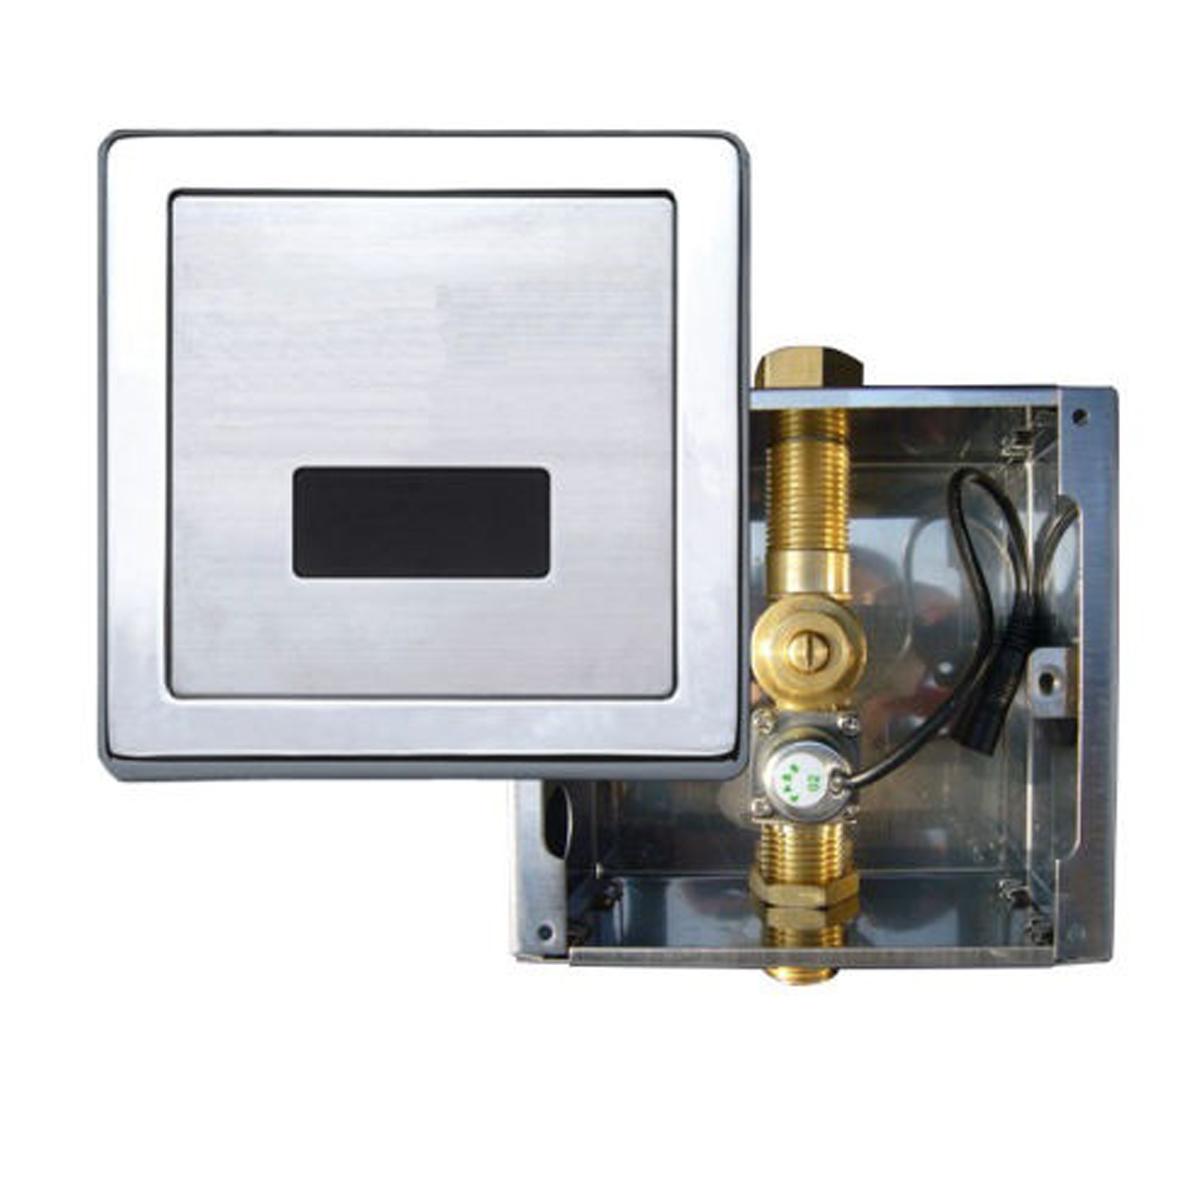 Válvula Electrónica al Muro Descarga en WC Con Sensor Posterior